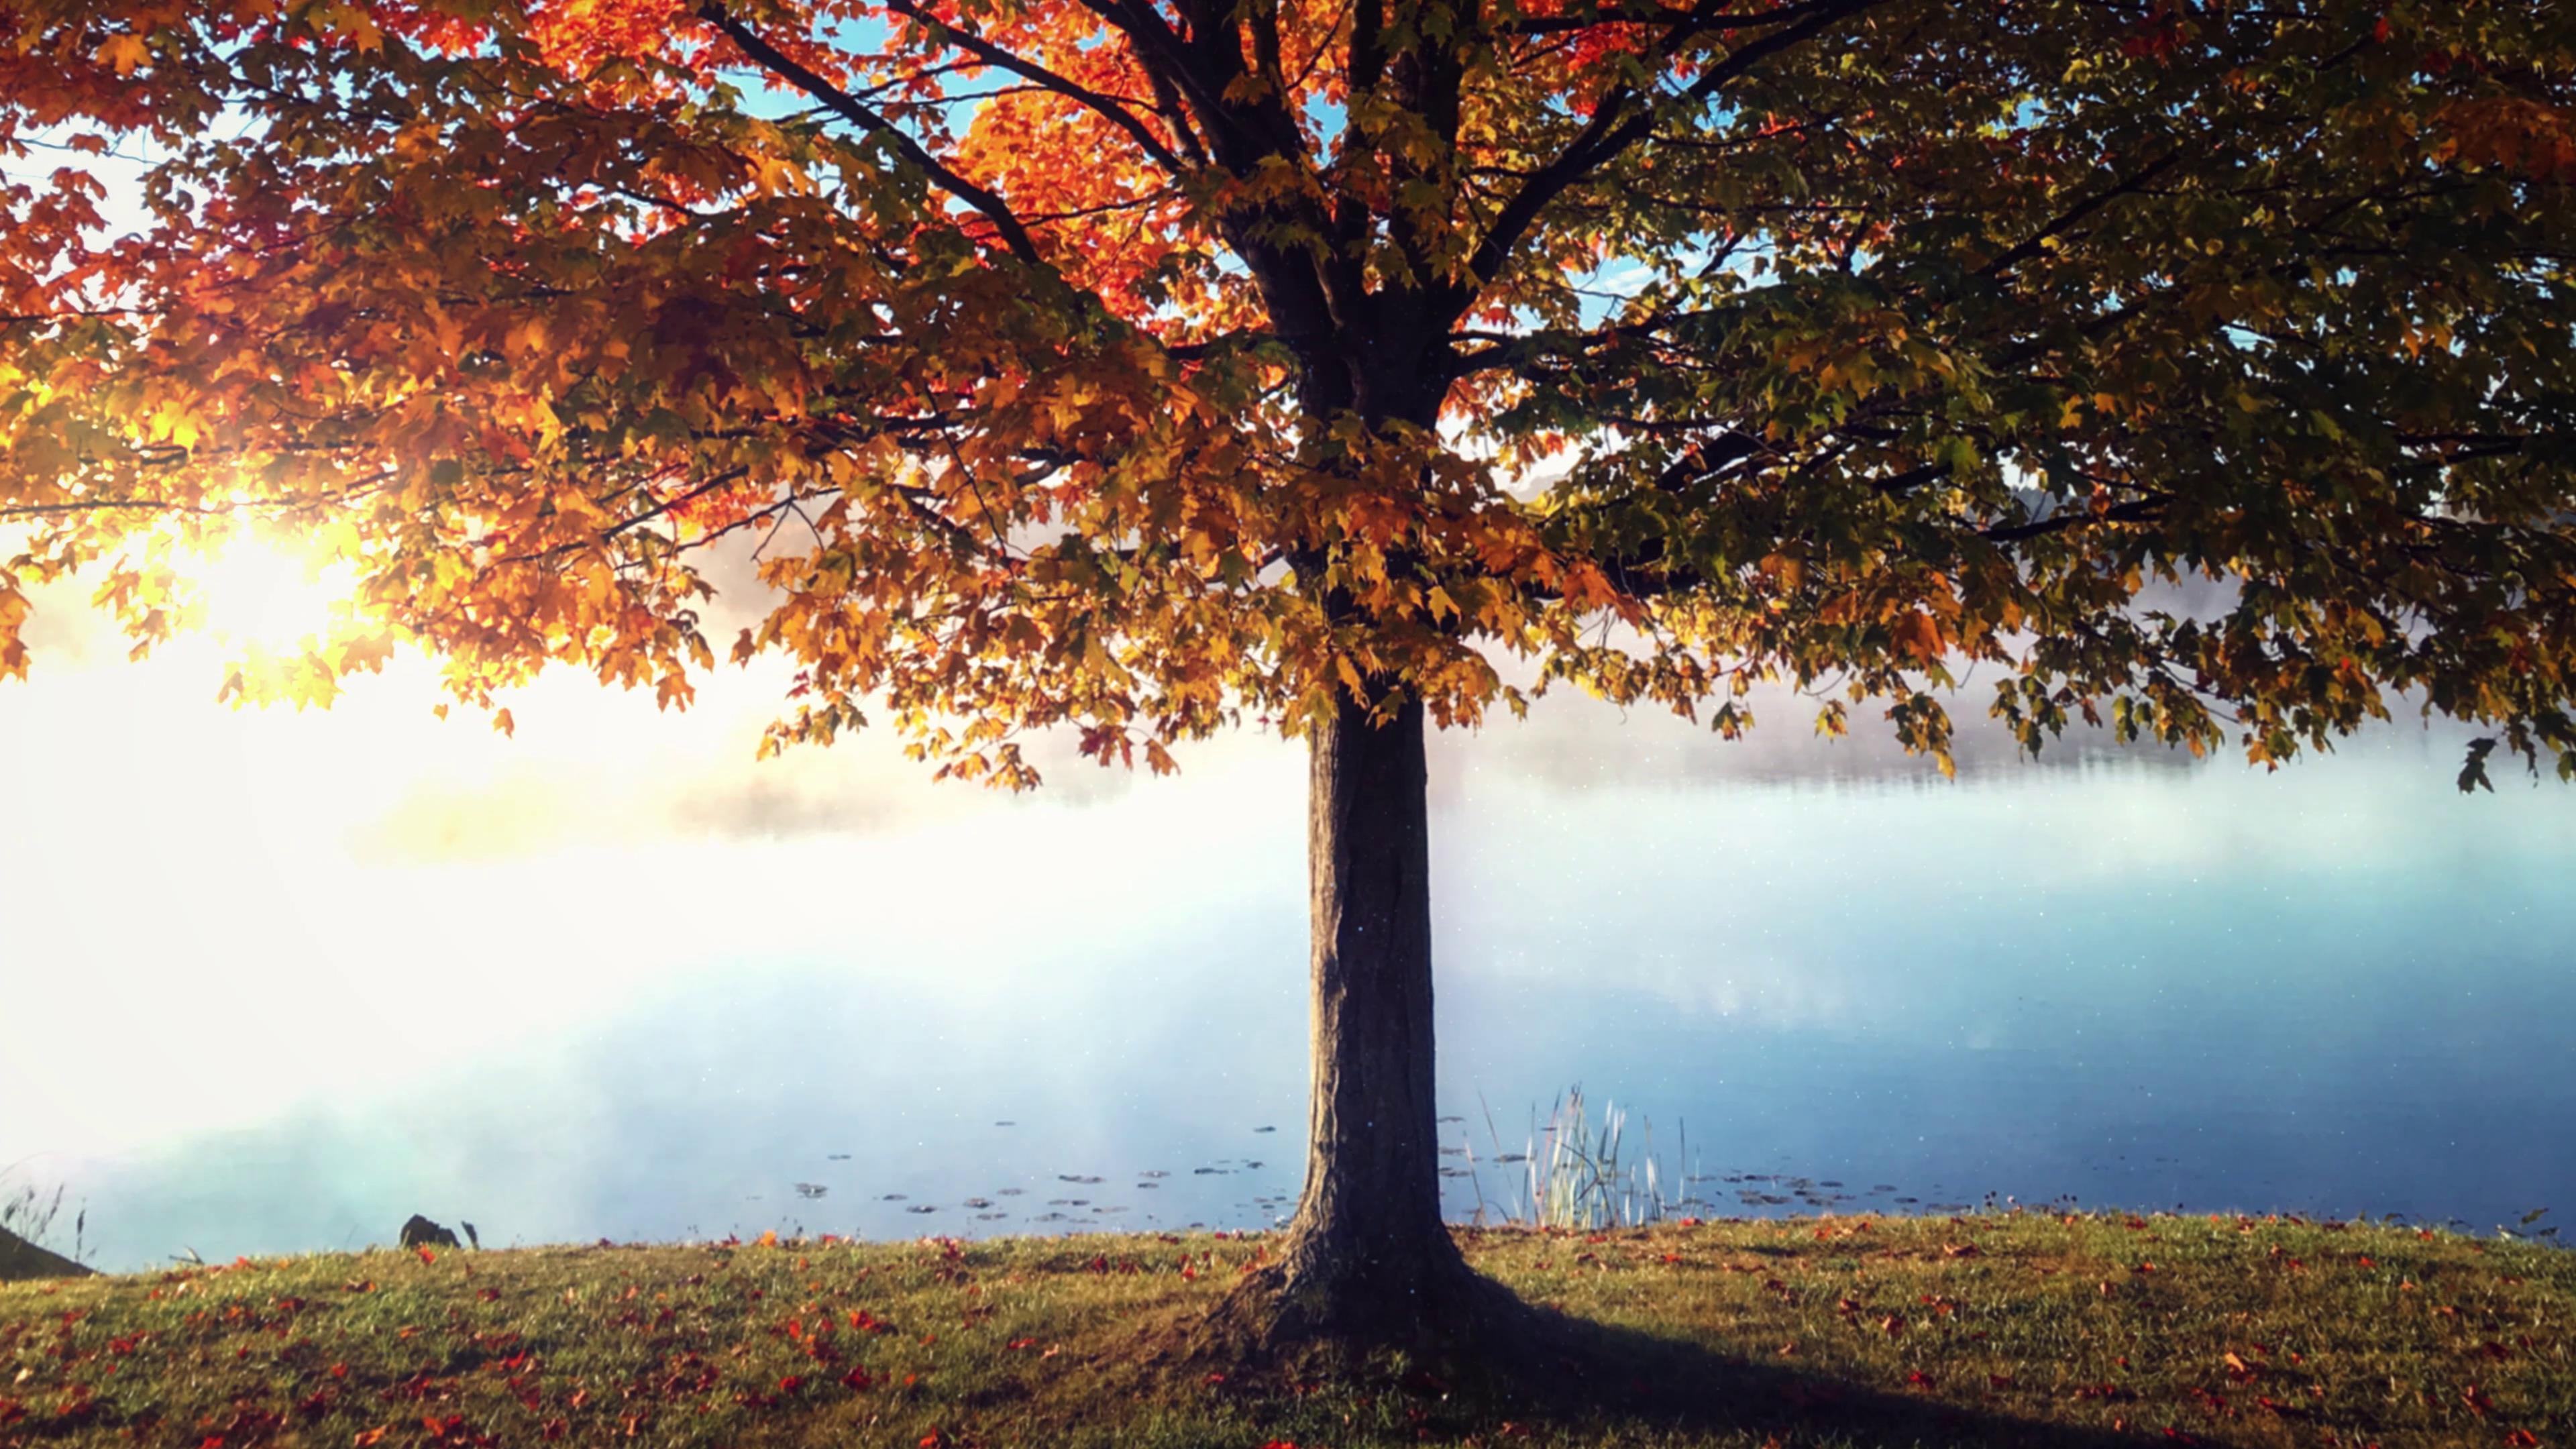 秋日池塘边的一棵树梦境美景高清实拍